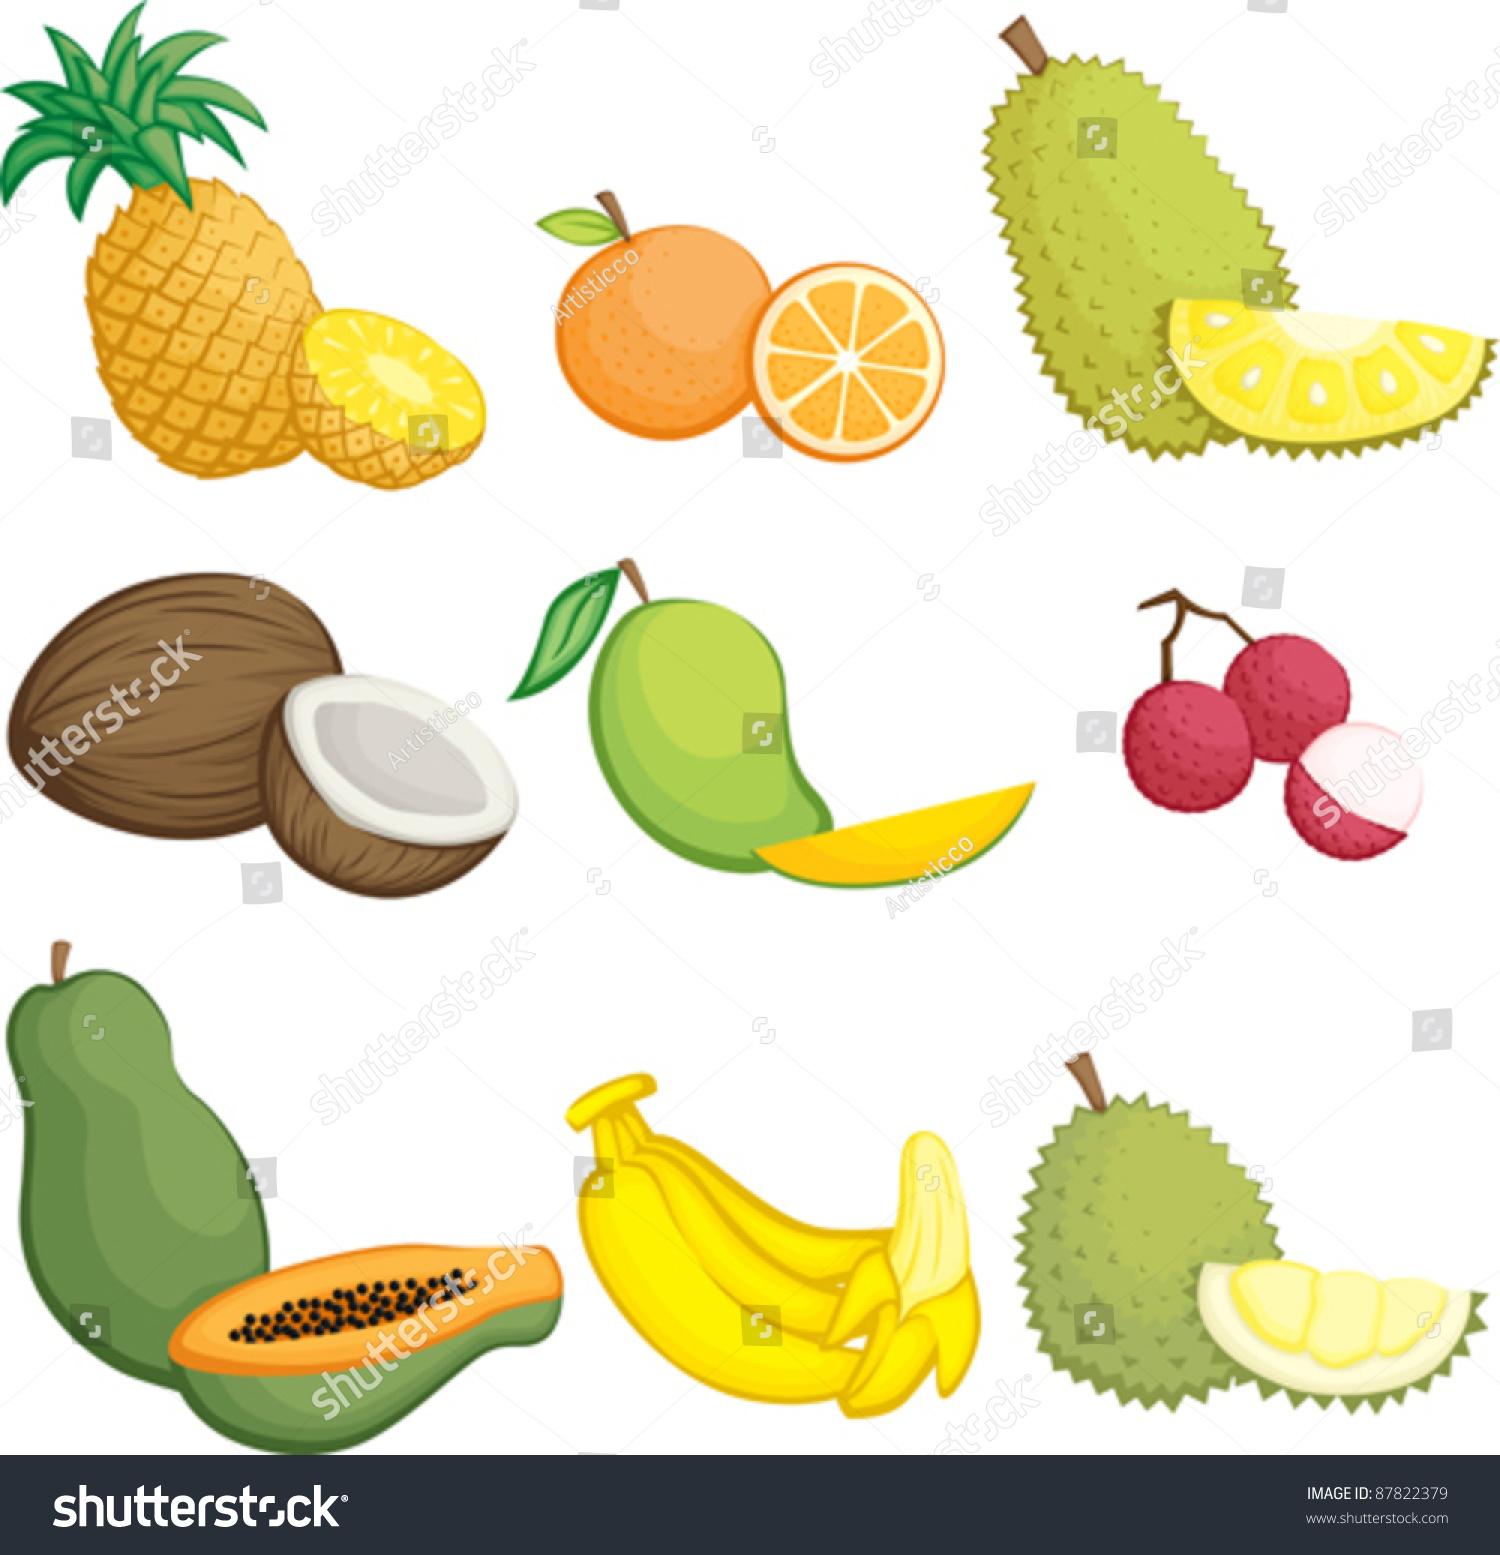 一个向量插图热带水果图标-食品及饮料